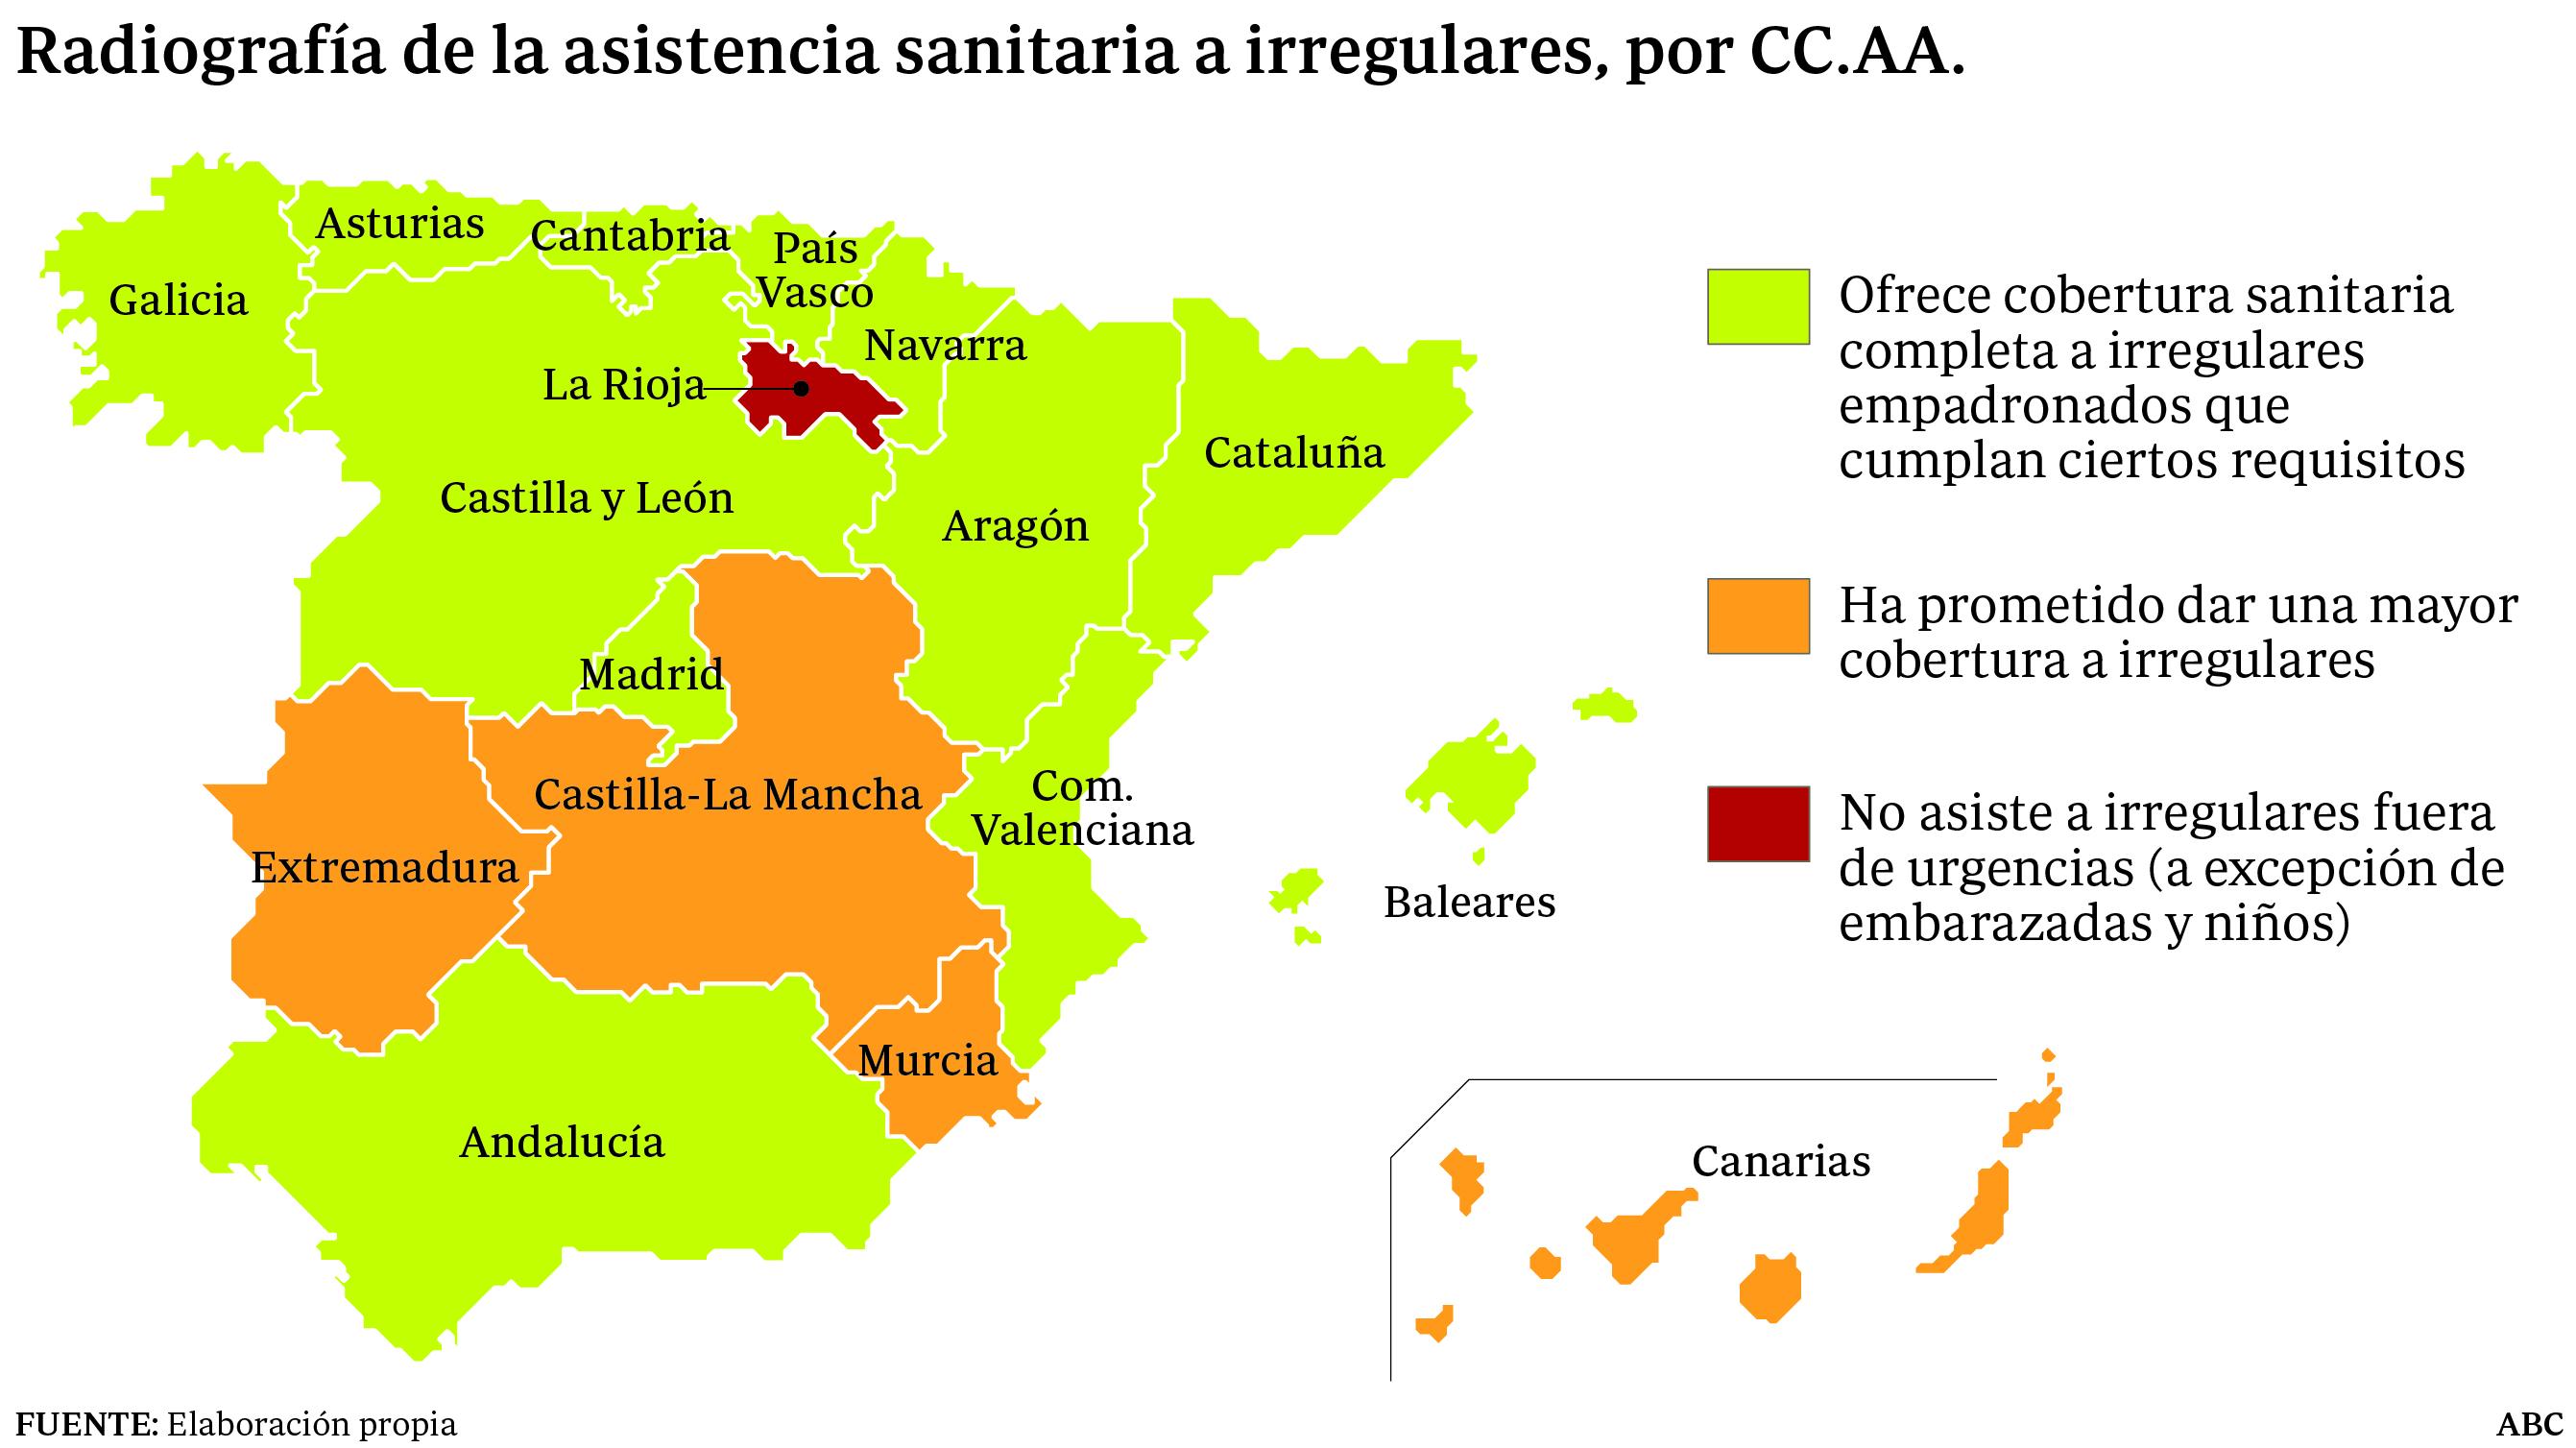 Mapa con la situación de cada región